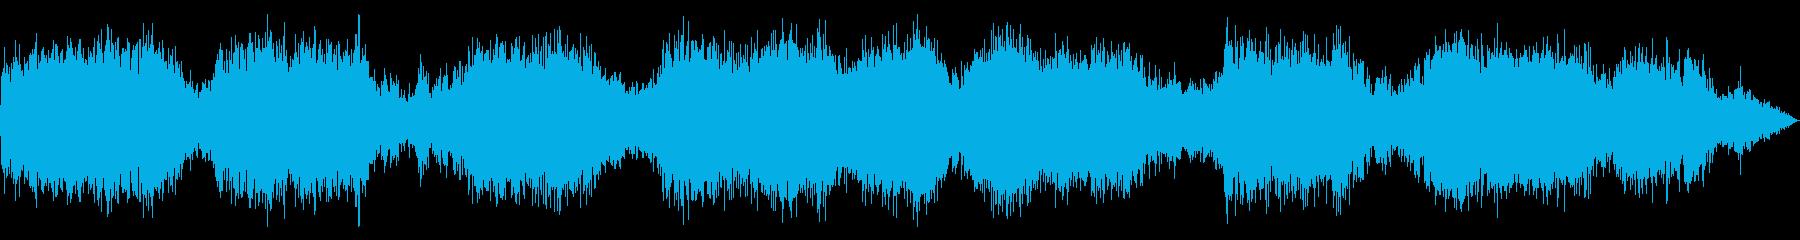 美しい虫の音の再生済みの波形